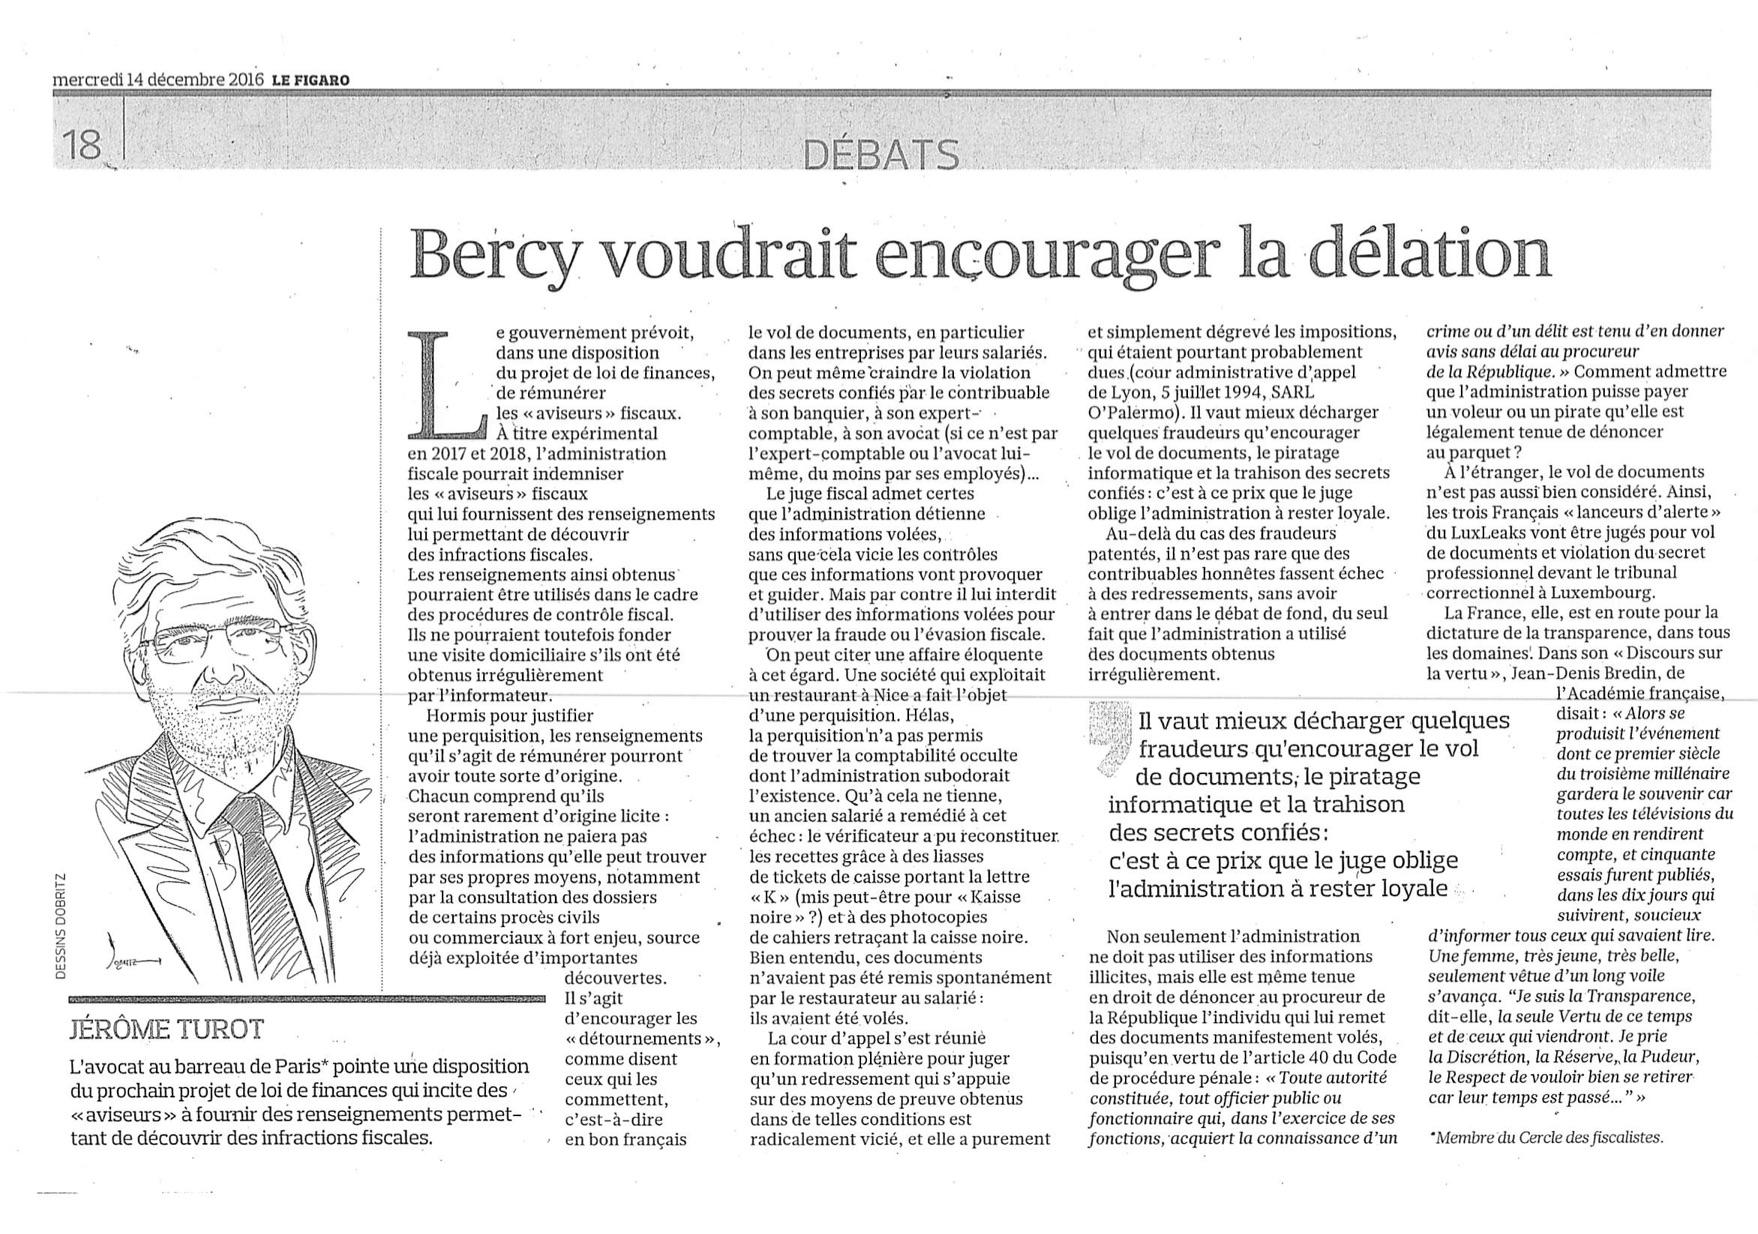 Article-Figaro-14-décembre-2016-Bercy-voudrat-encourager-la-délation-par-Jérôme-Turo